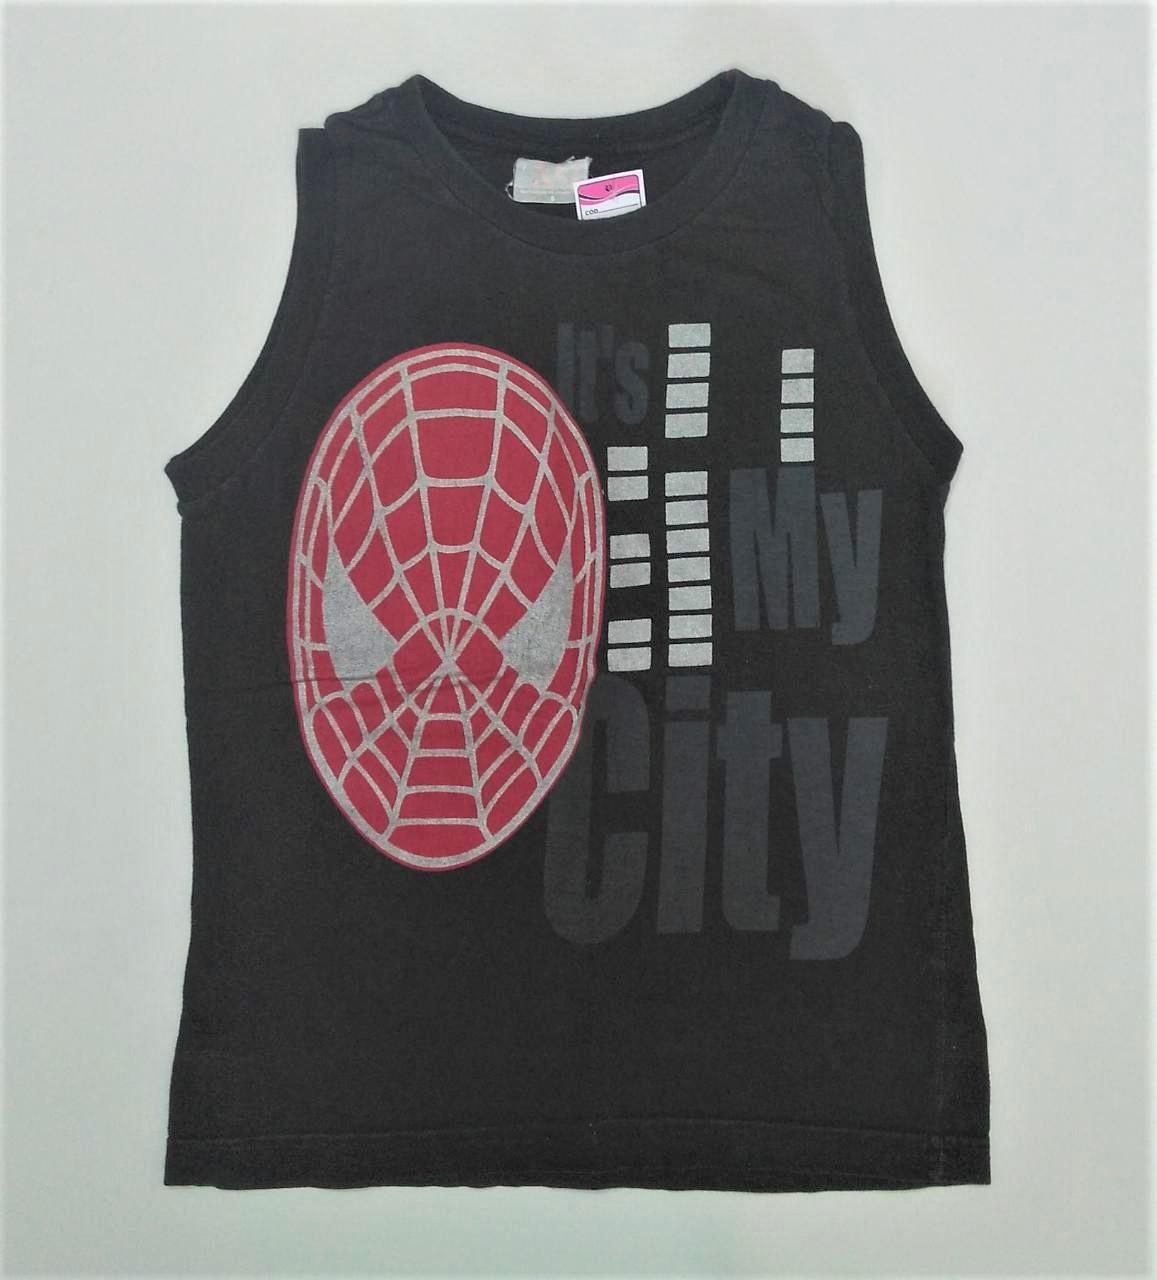 Regata infantil Homem Aranha - tamanho 6